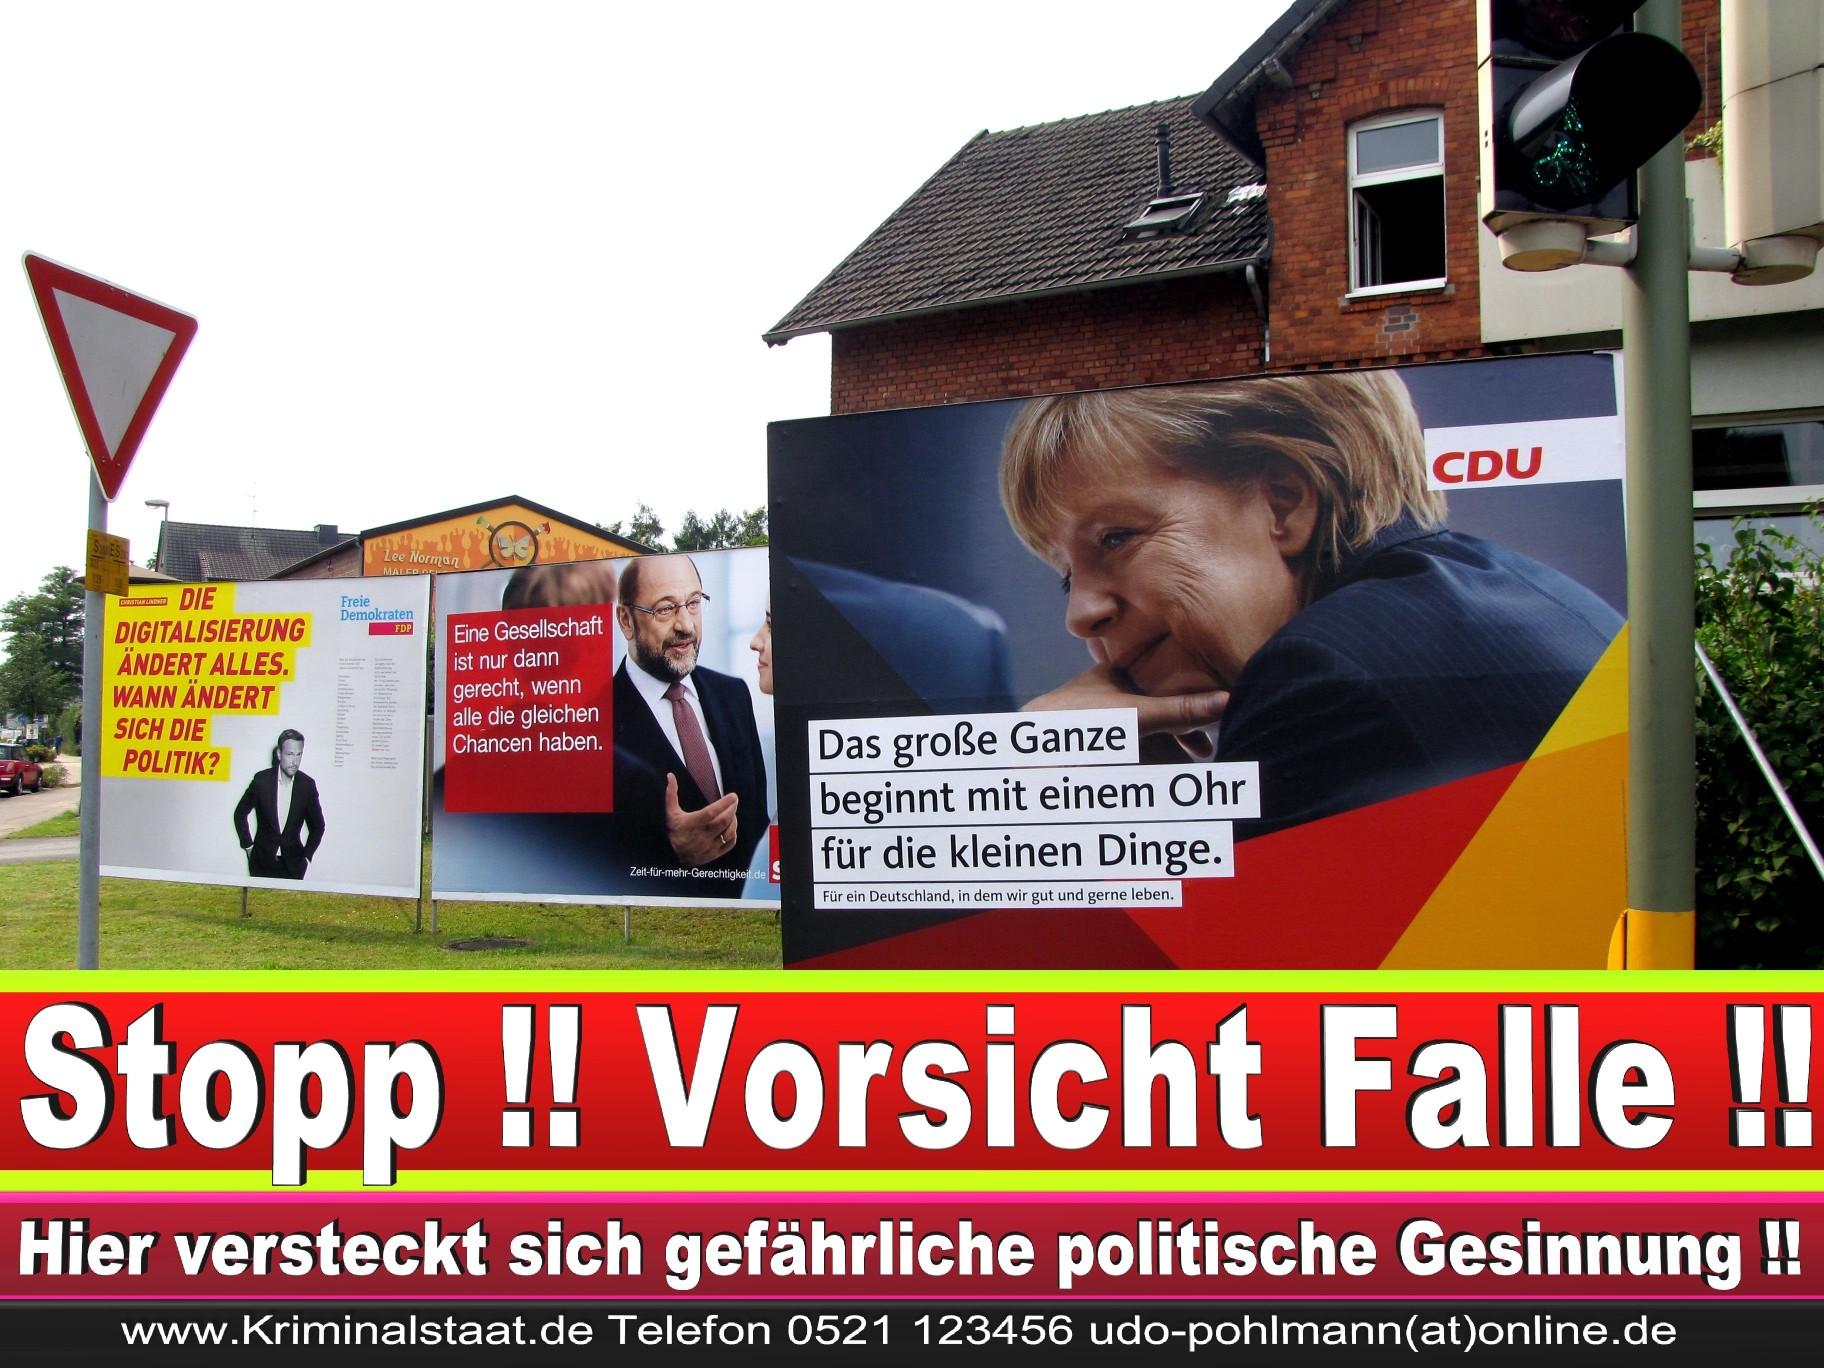 Wahlwerbung Wahlplakate Landtagswahl 2019 Europawahl CDU SPD FDP 2021 (73)